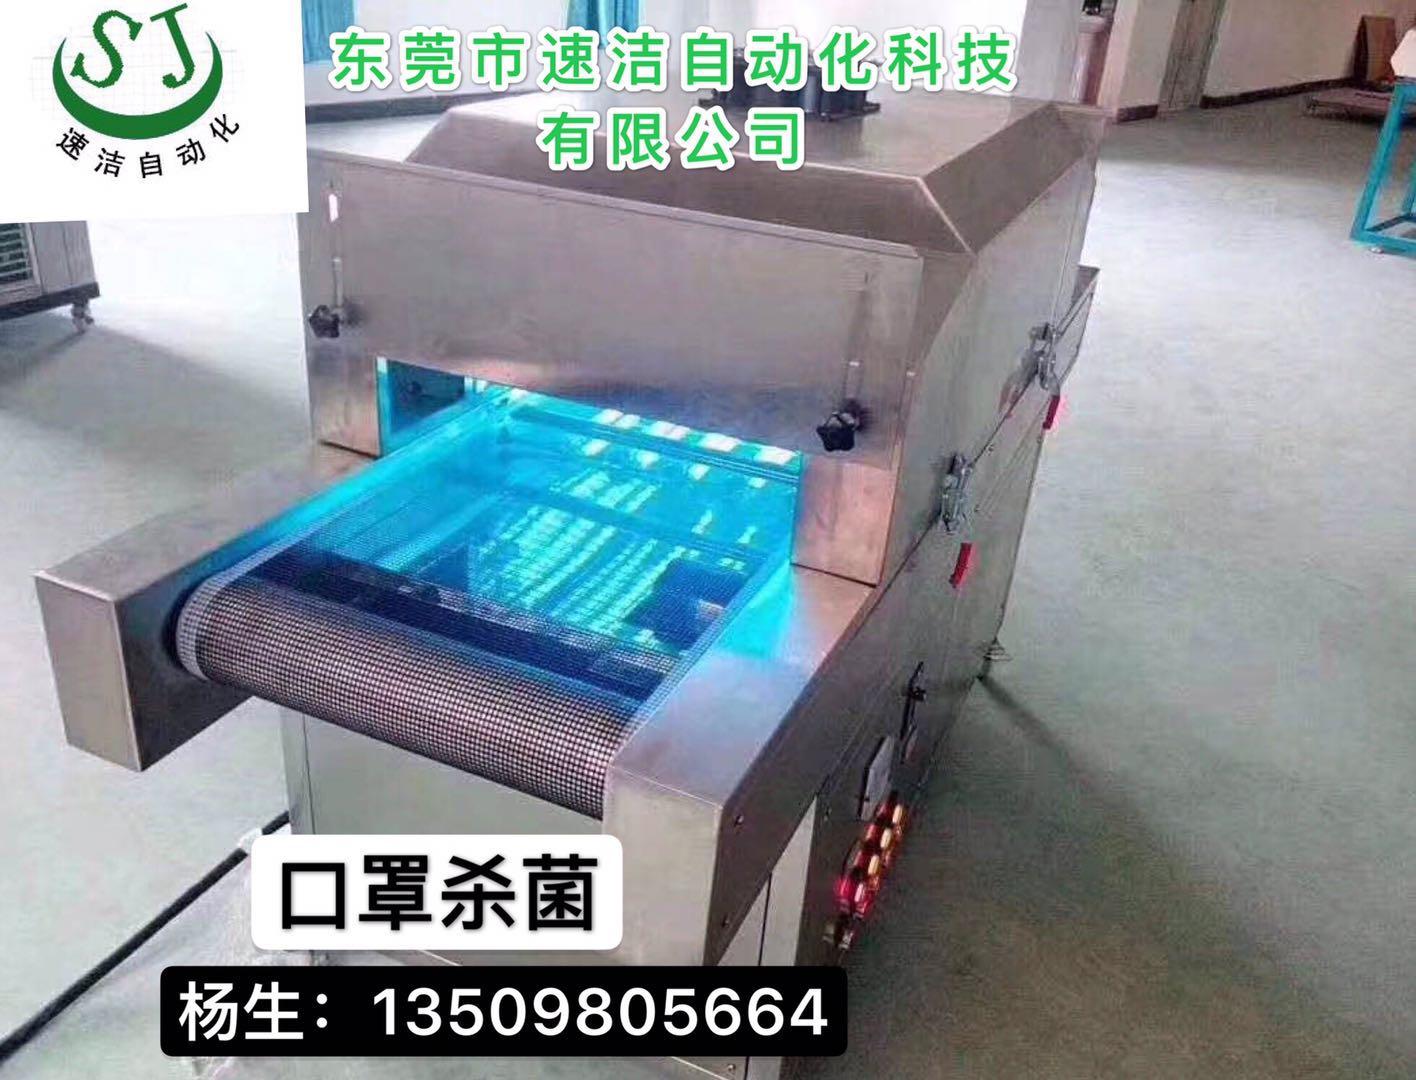 微信图片_20200325095544.jpg